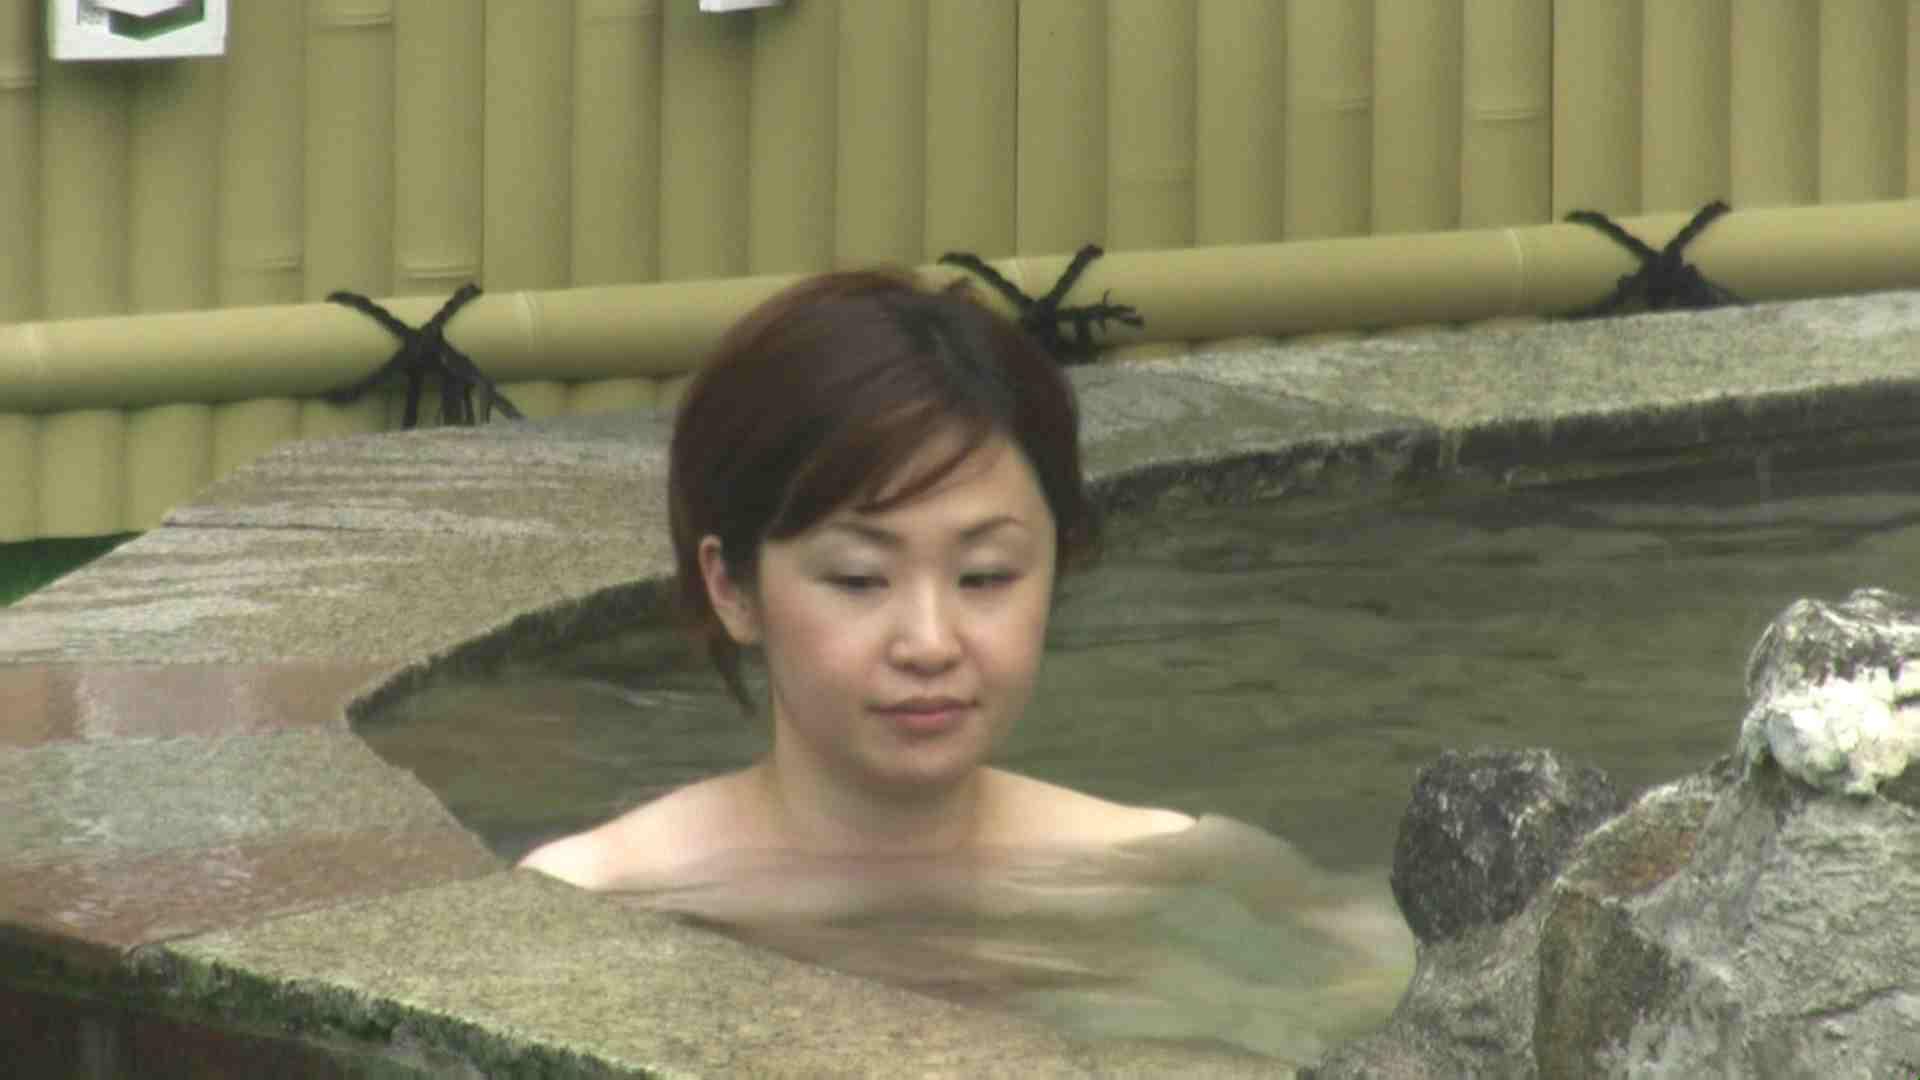 高画質露天女風呂観察 vol.033 入浴 のぞきおめこ無修正画像 57画像 40